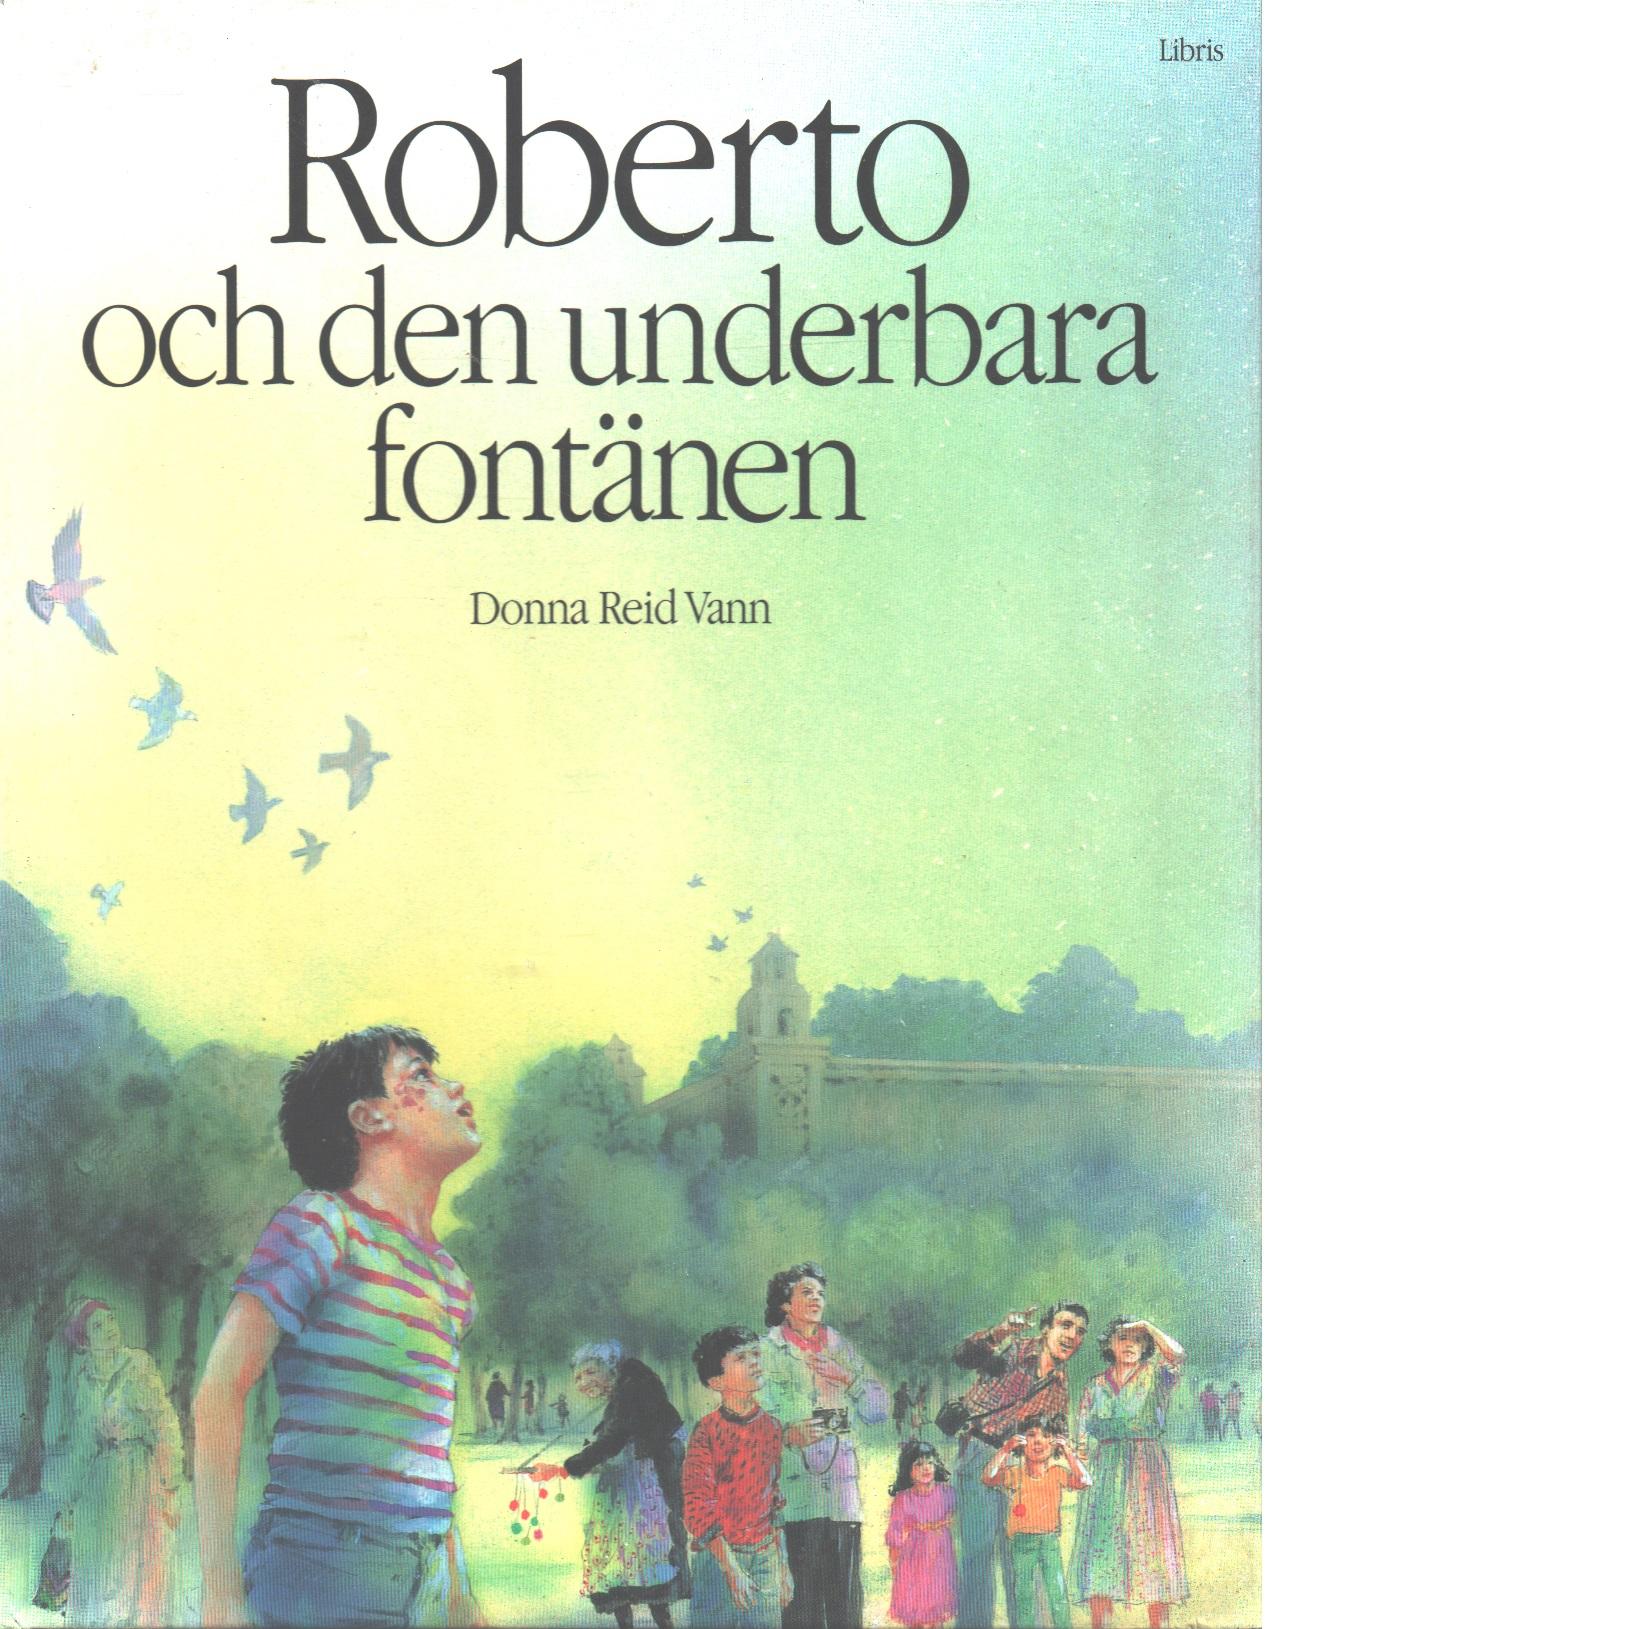 Roberto och den underbara fontänen - Vann, Donna Reid  och Haysom, John